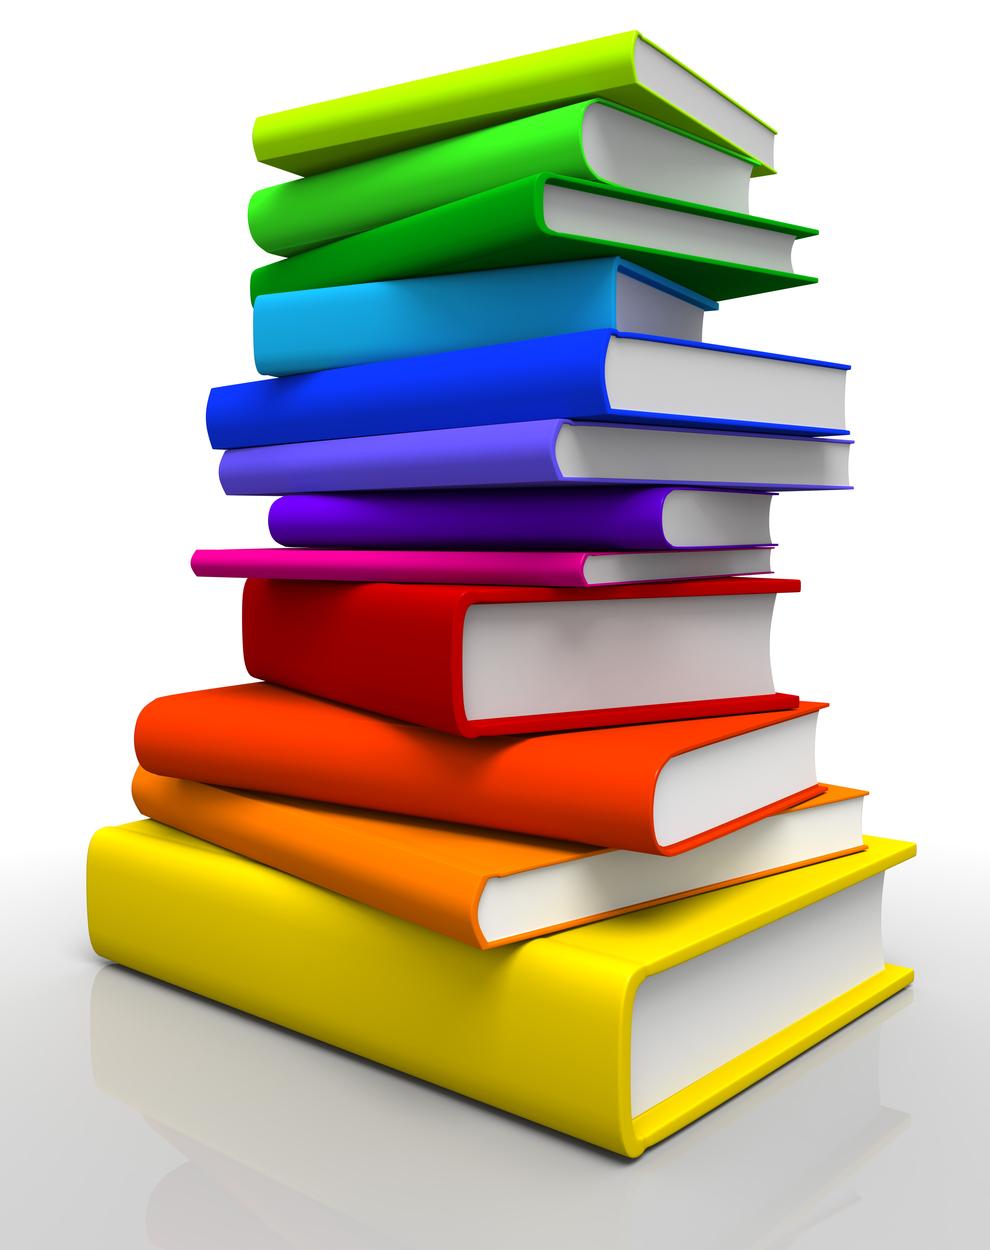 Best-Codependency-Books.jpg